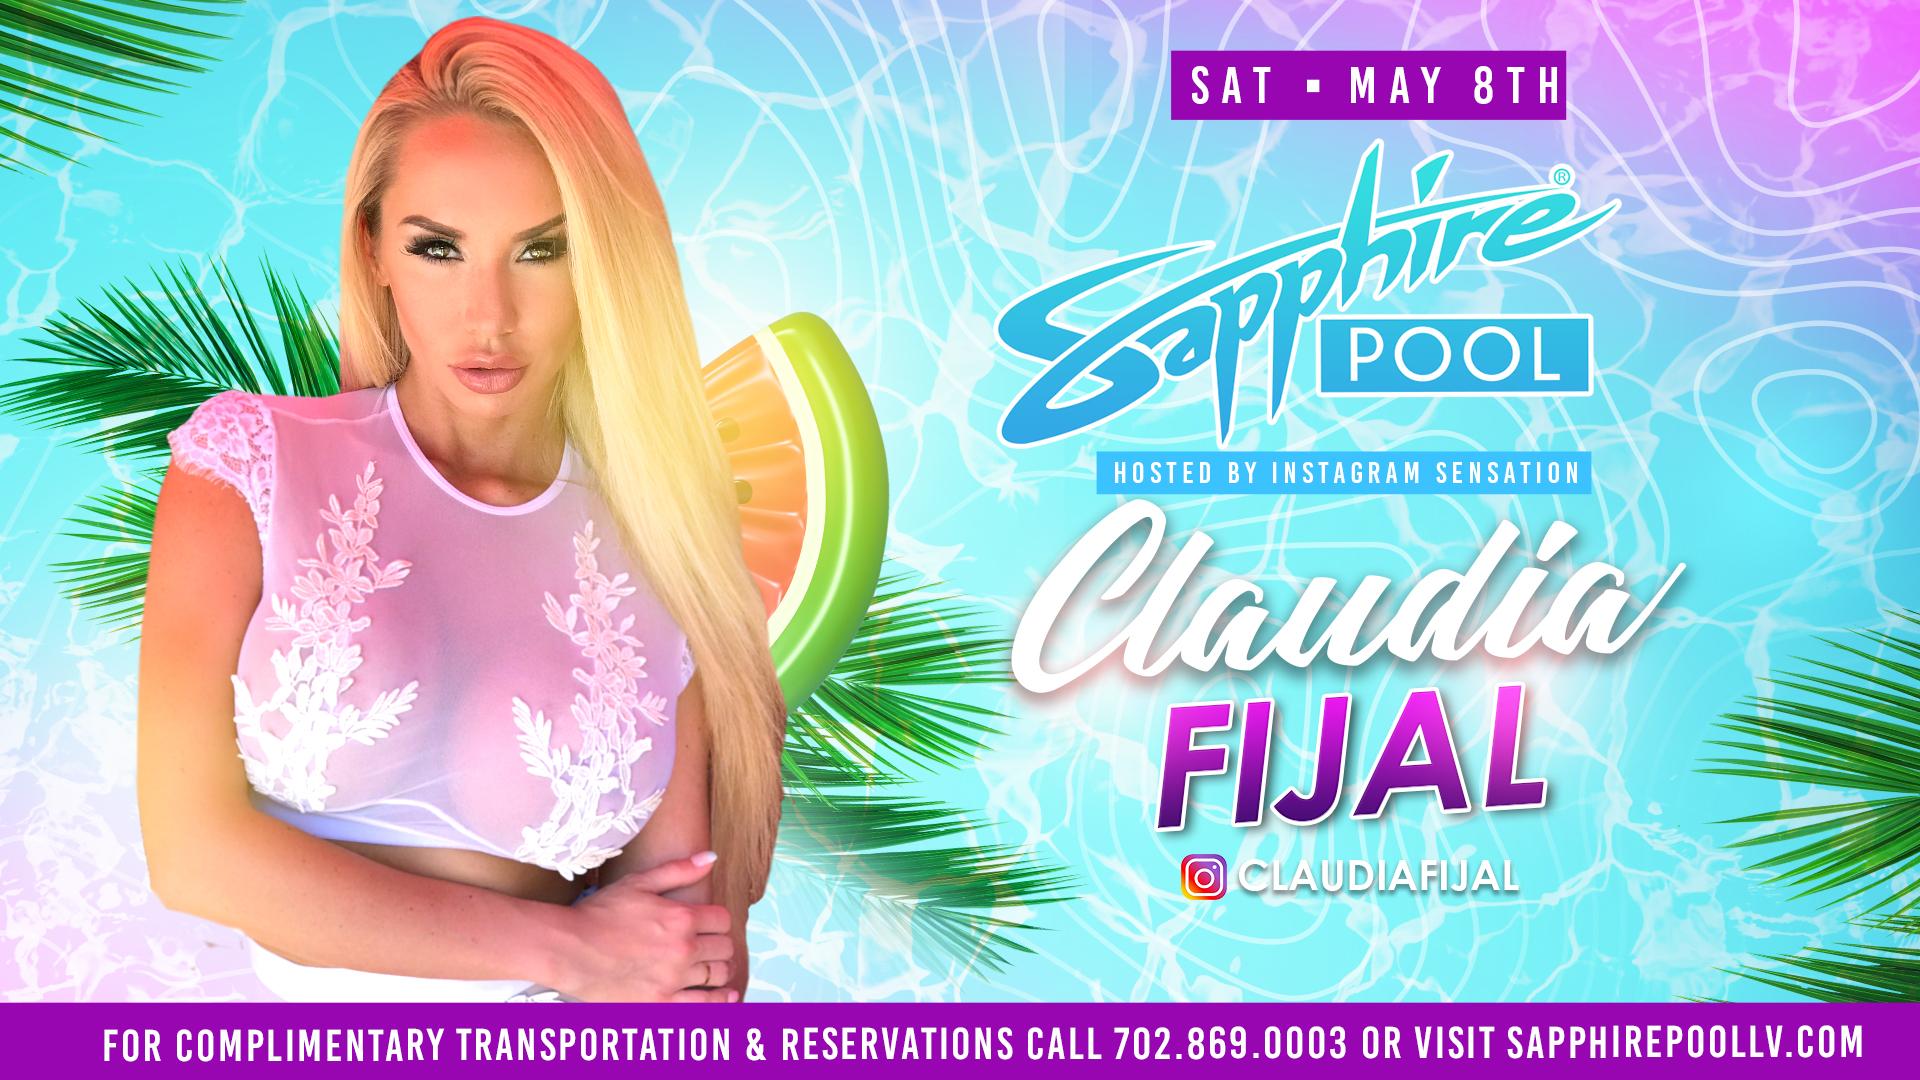 Join Social Media Super Star Claudia Fijal at Sapphire Pool – May 8th